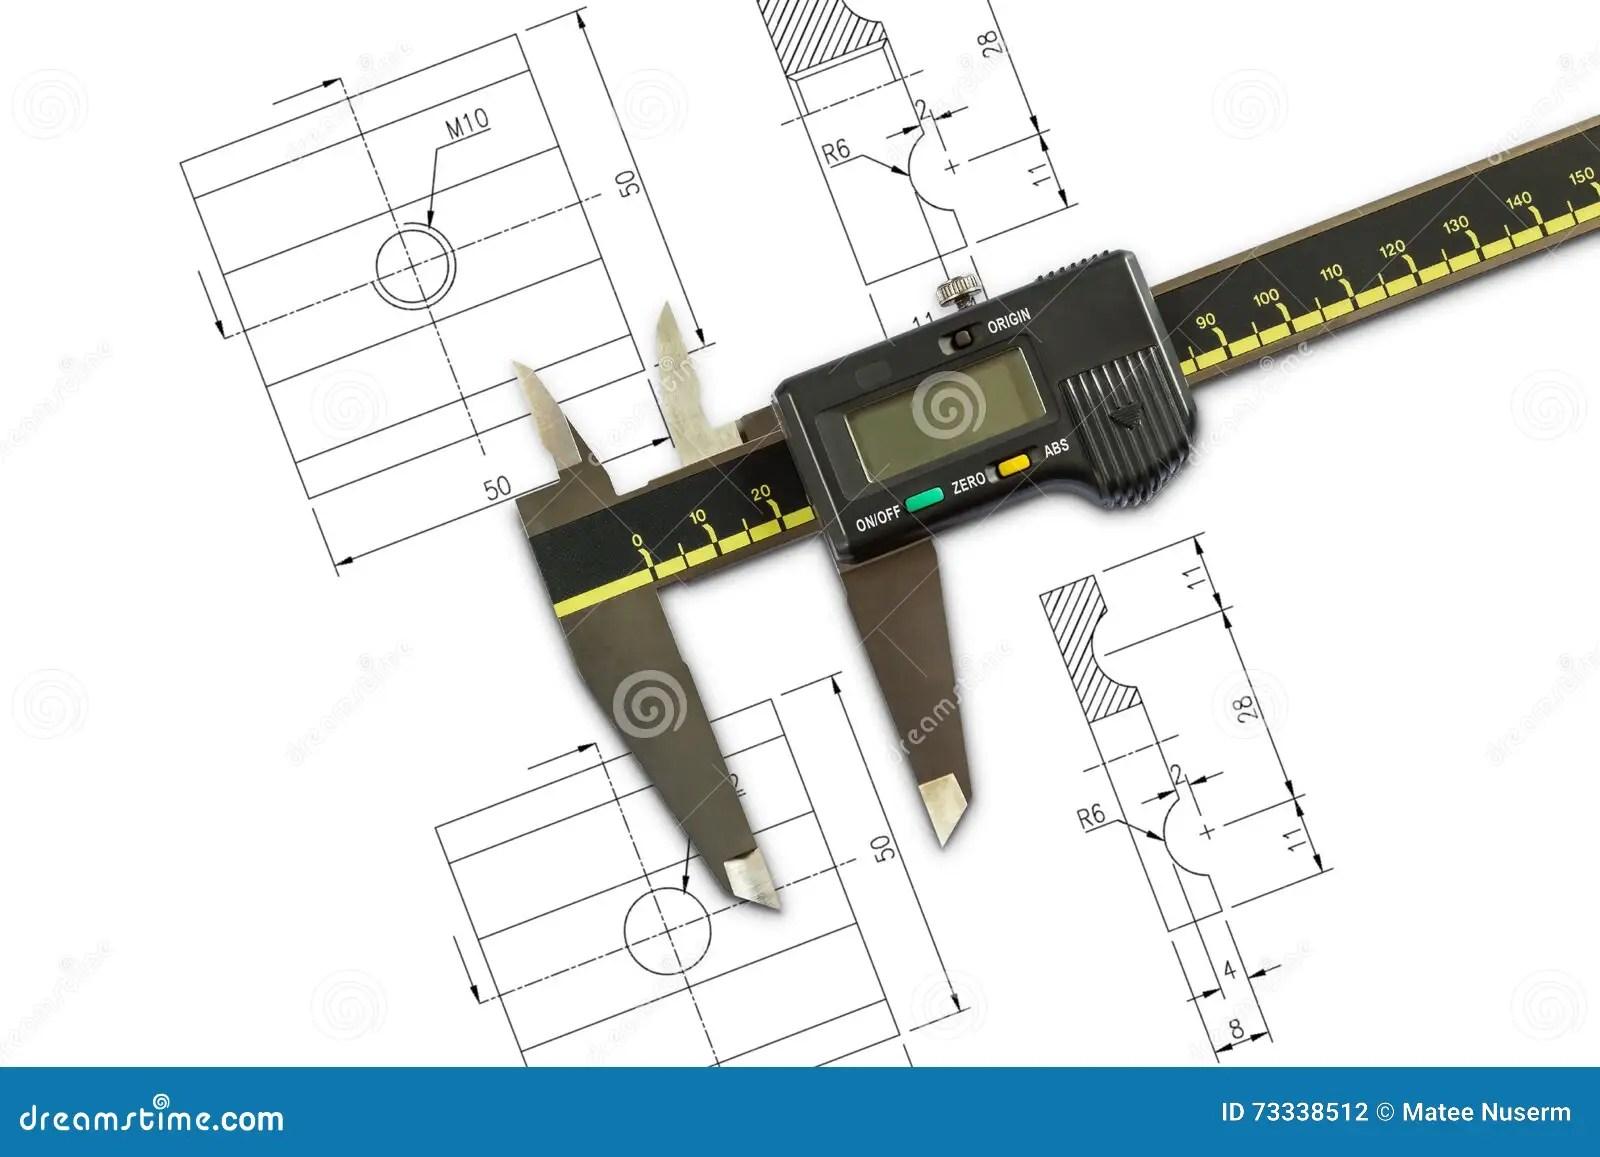 hight resolution of digital vernier calipers